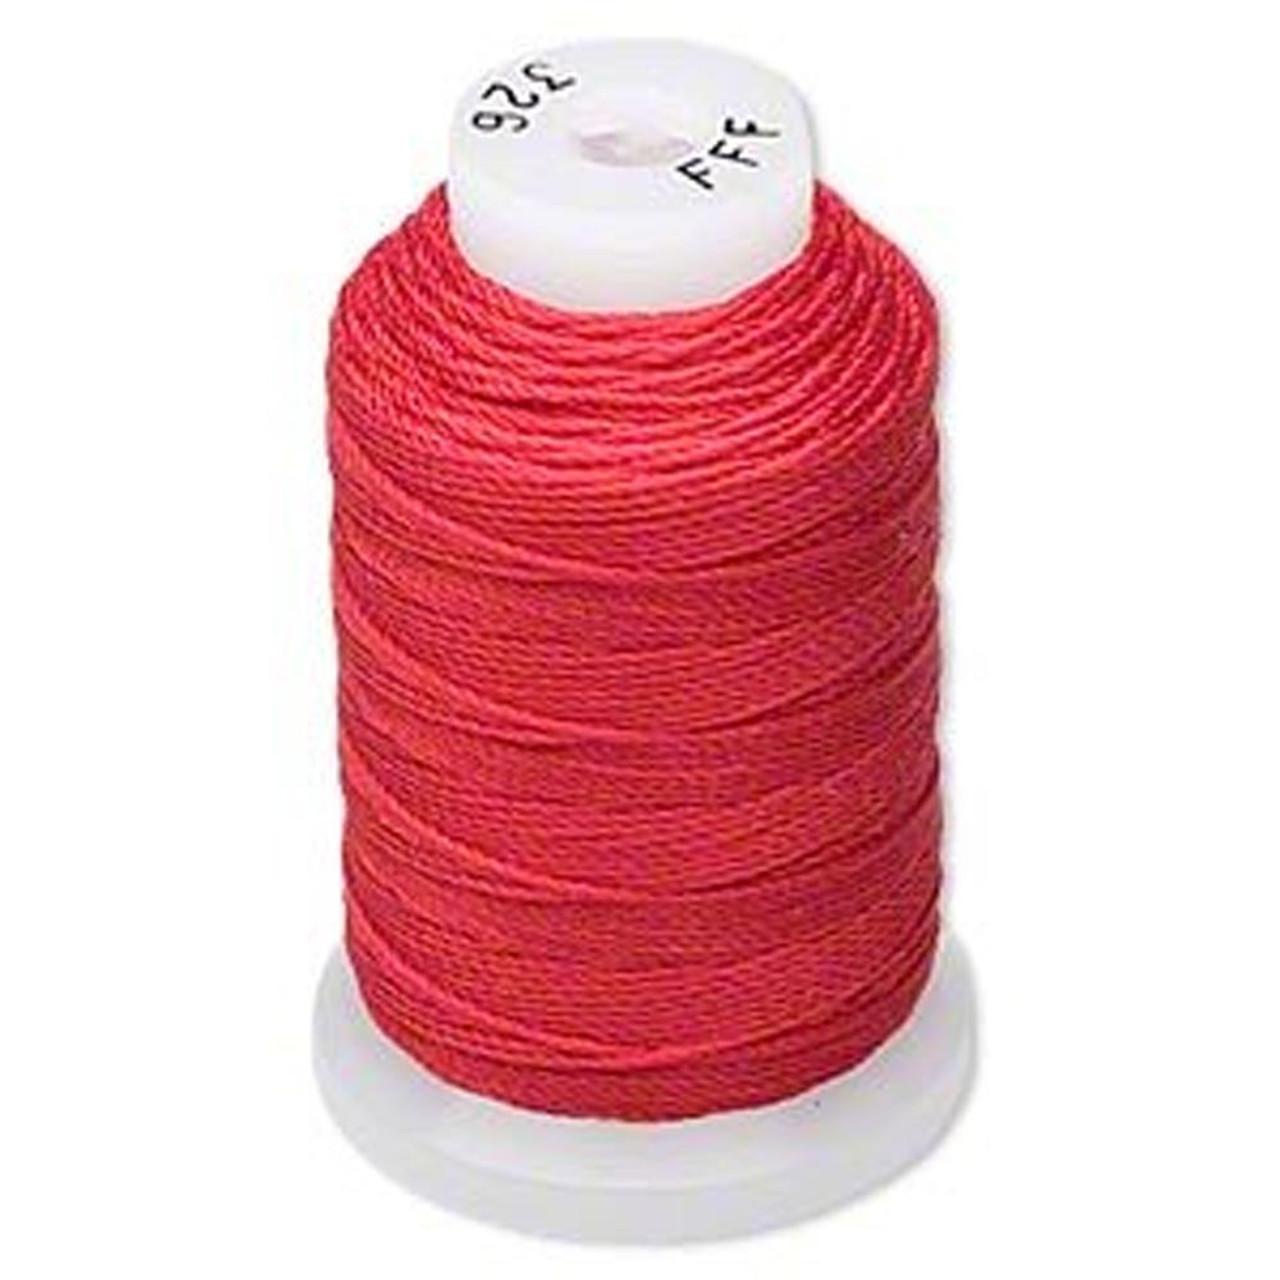 Silk Beading Thread Cord Size Fff 0 016 Inch 0 42mm Spool 92 Yd Red